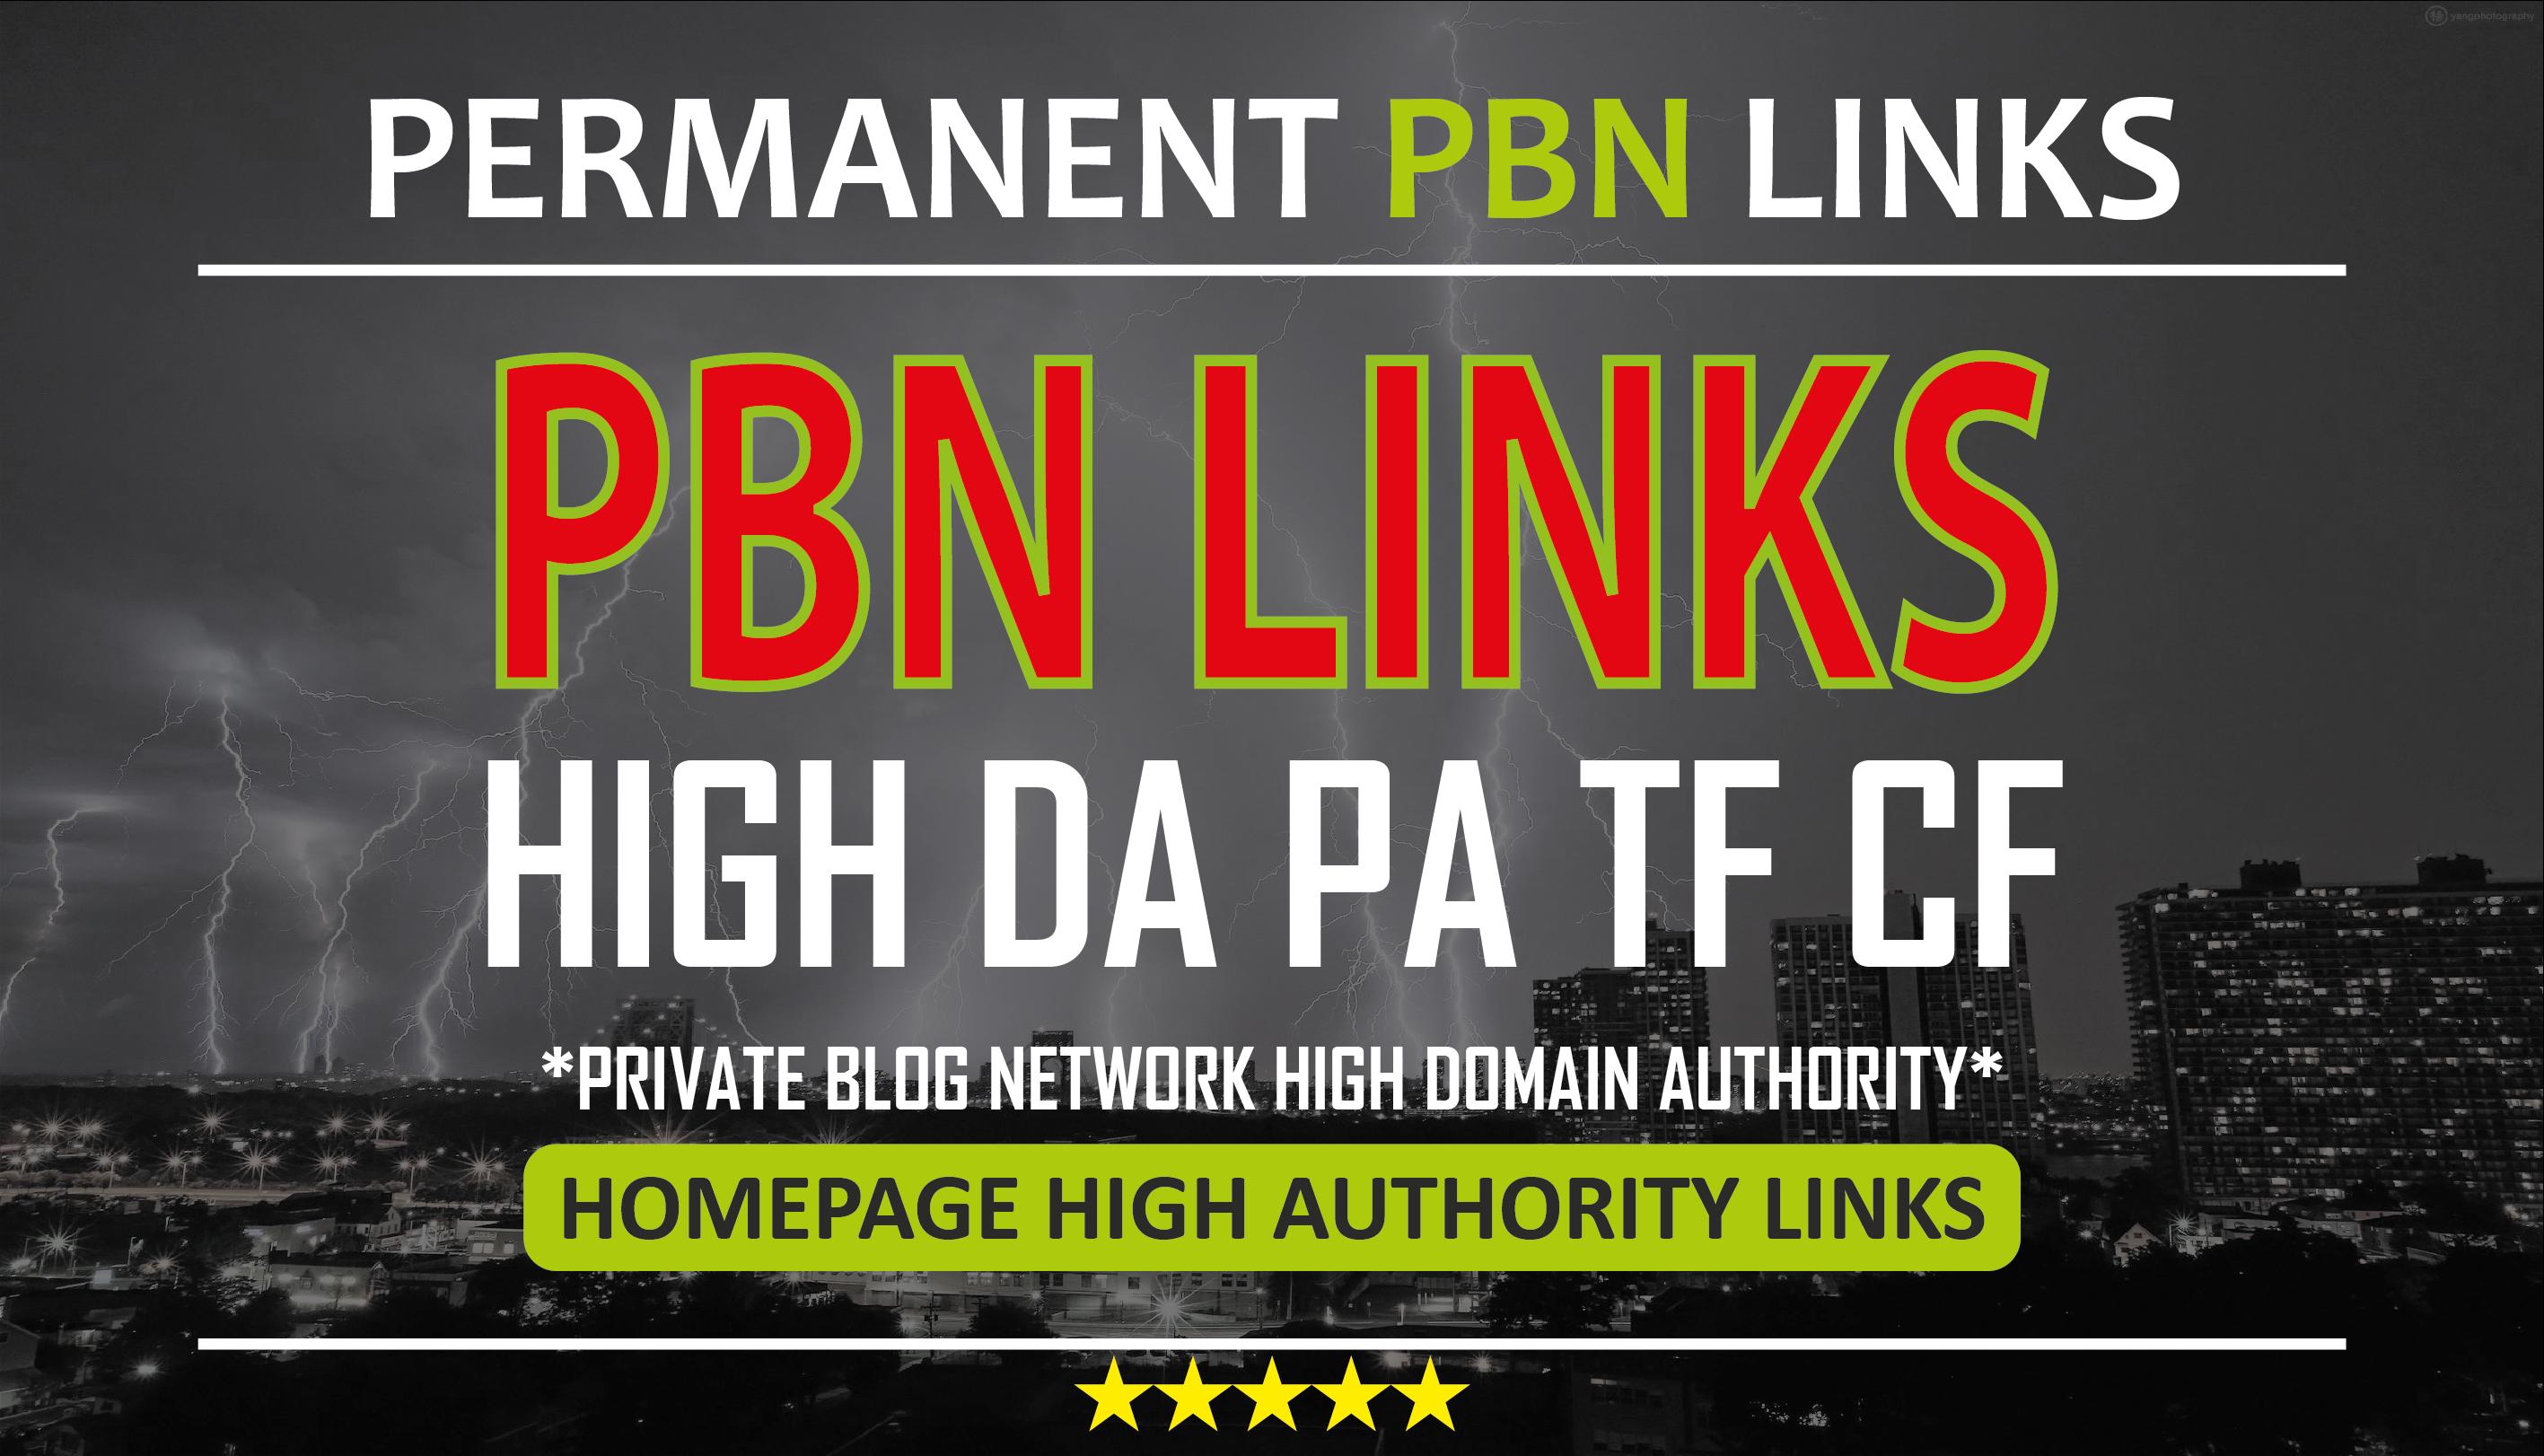 Create 12 High DA PA TF CF HomePage Dofollow PBN Backlinks